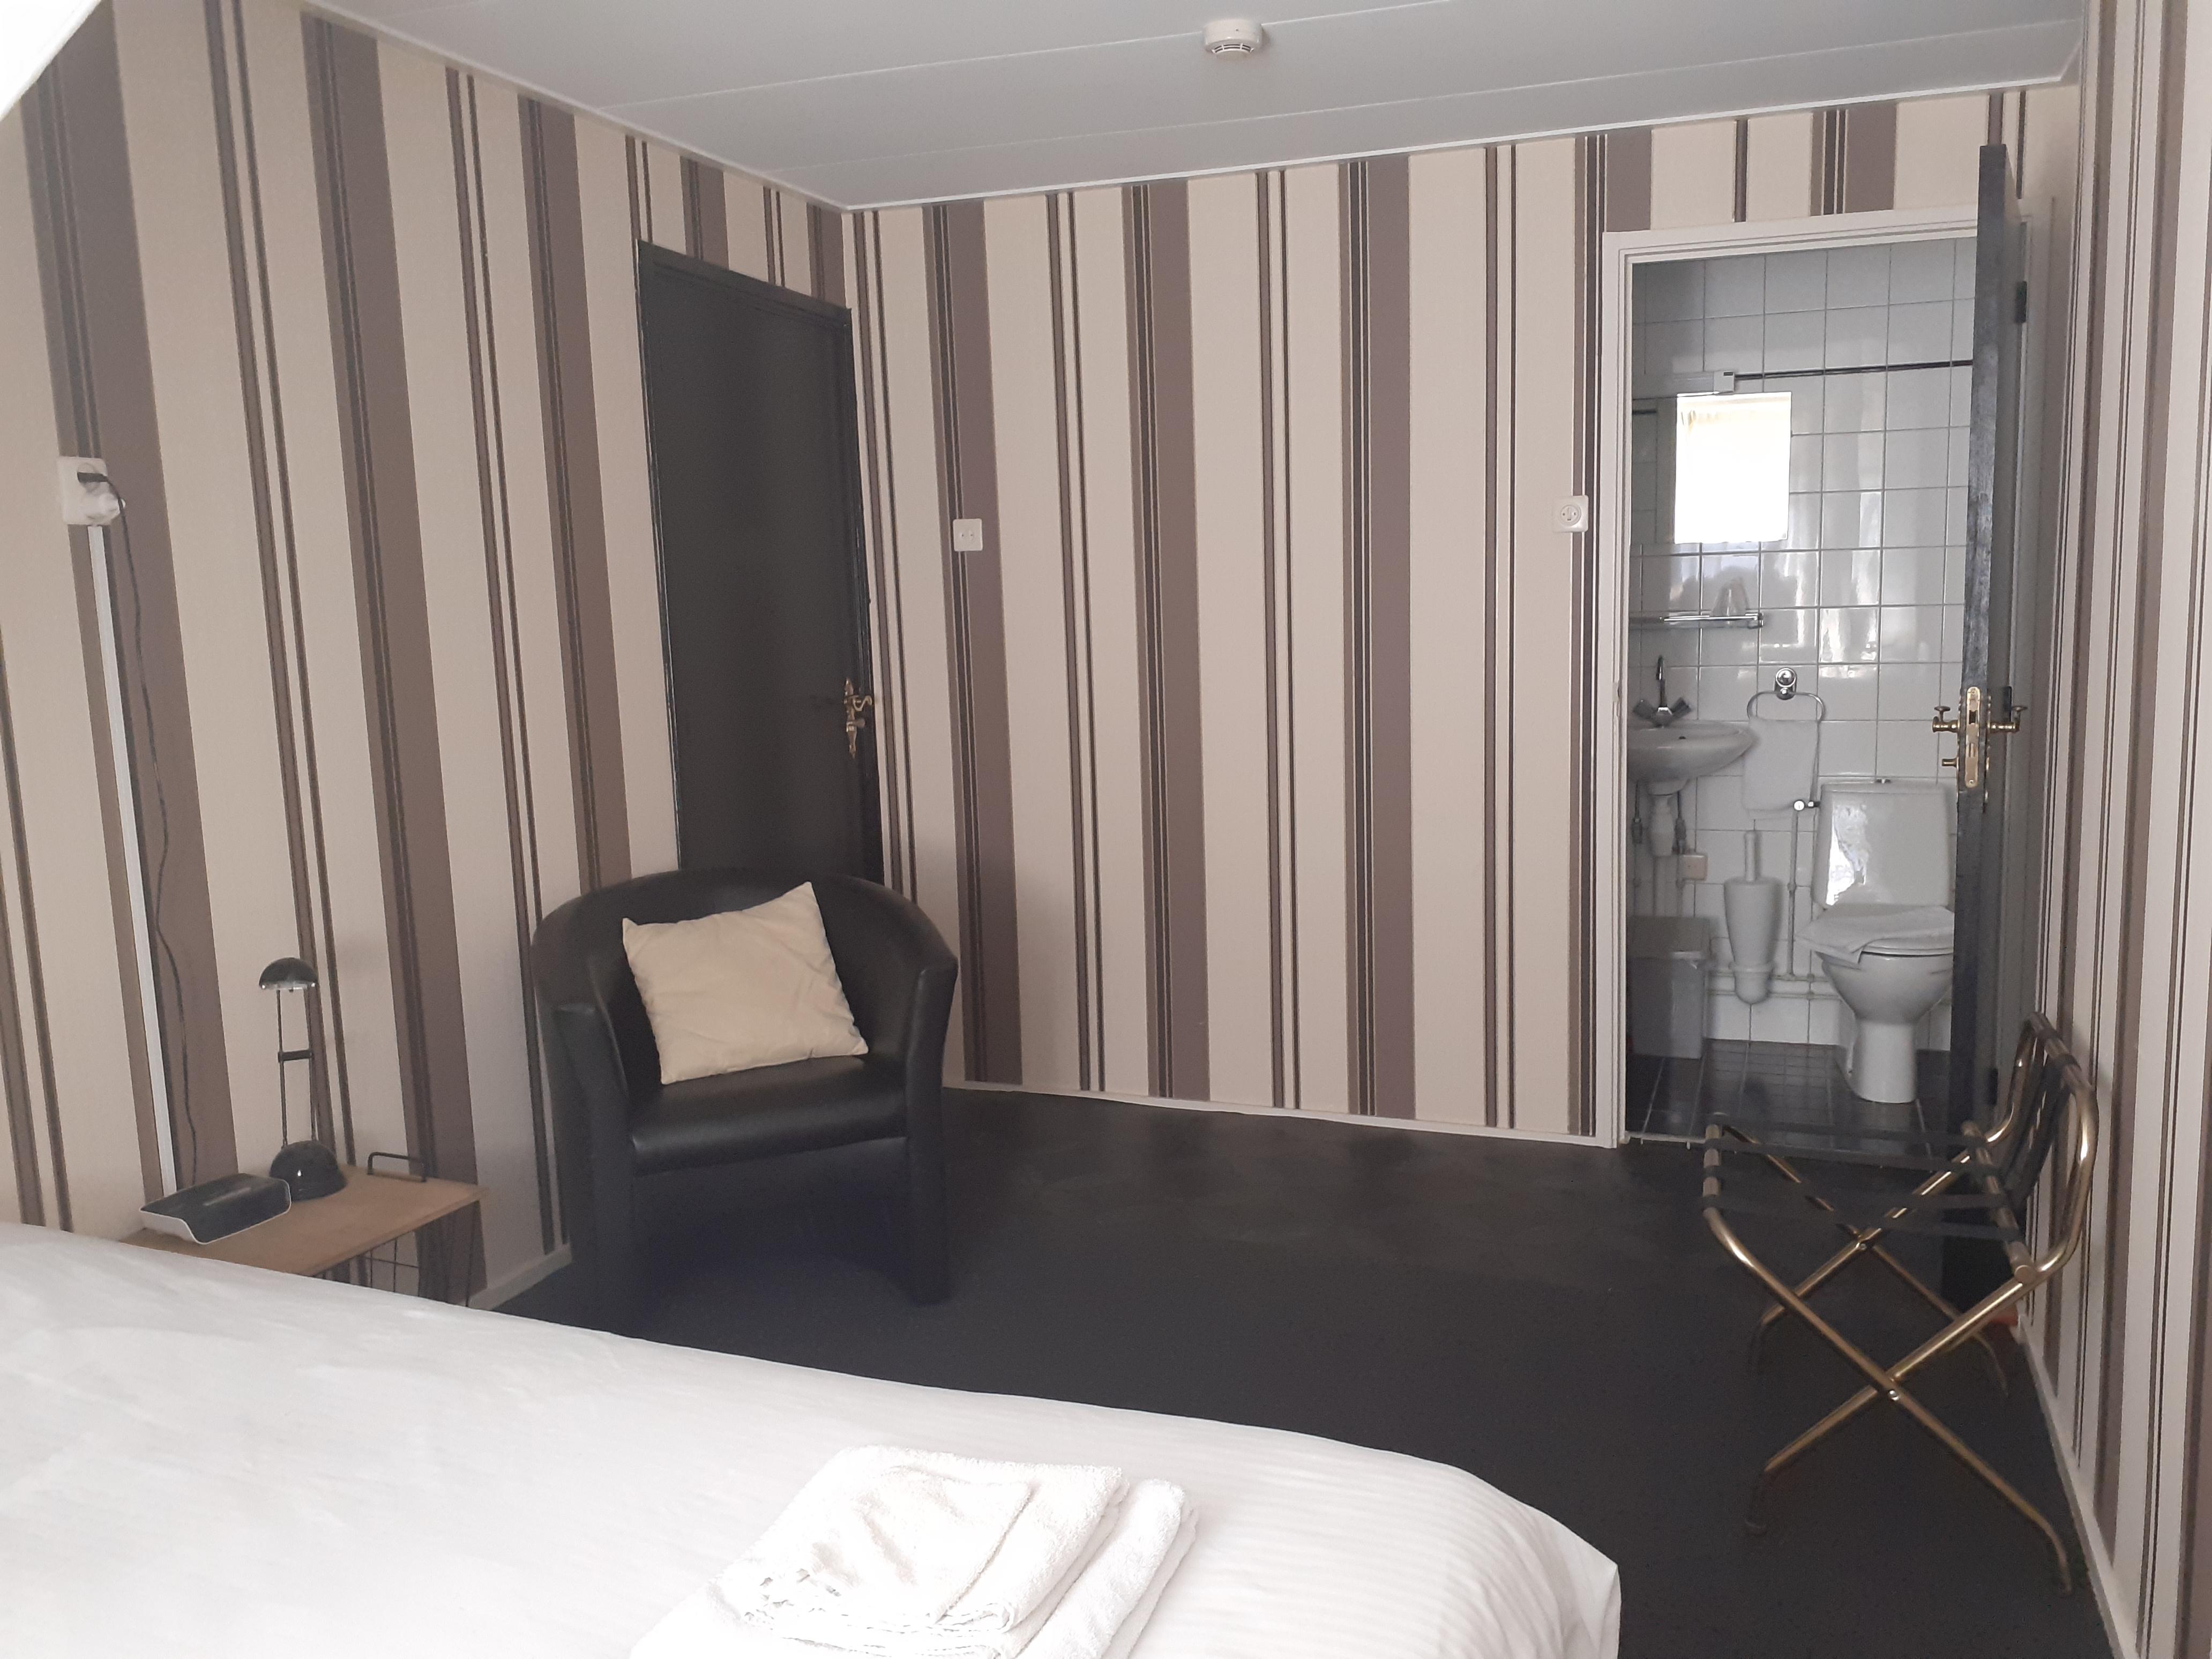 Badkamer kamer 2